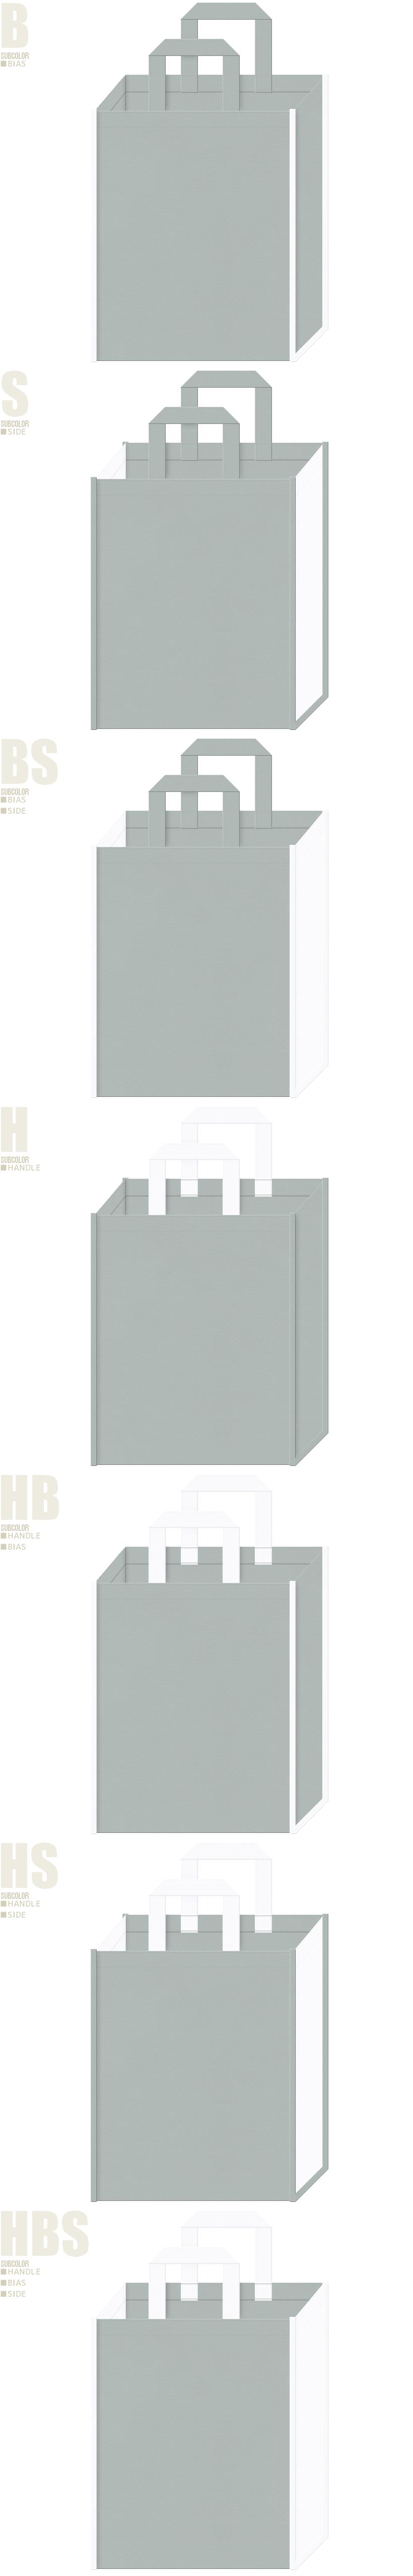 製図・設計・什器・事務服・事務用品・ロボット・アルミサッシ・金属・コンクリート・建築イベント・業務用冷蔵庫・クーラー・カー用品の展示会用バッグにお奨めの不織布バッグデザイン:グレー色と白色の配色7パターン